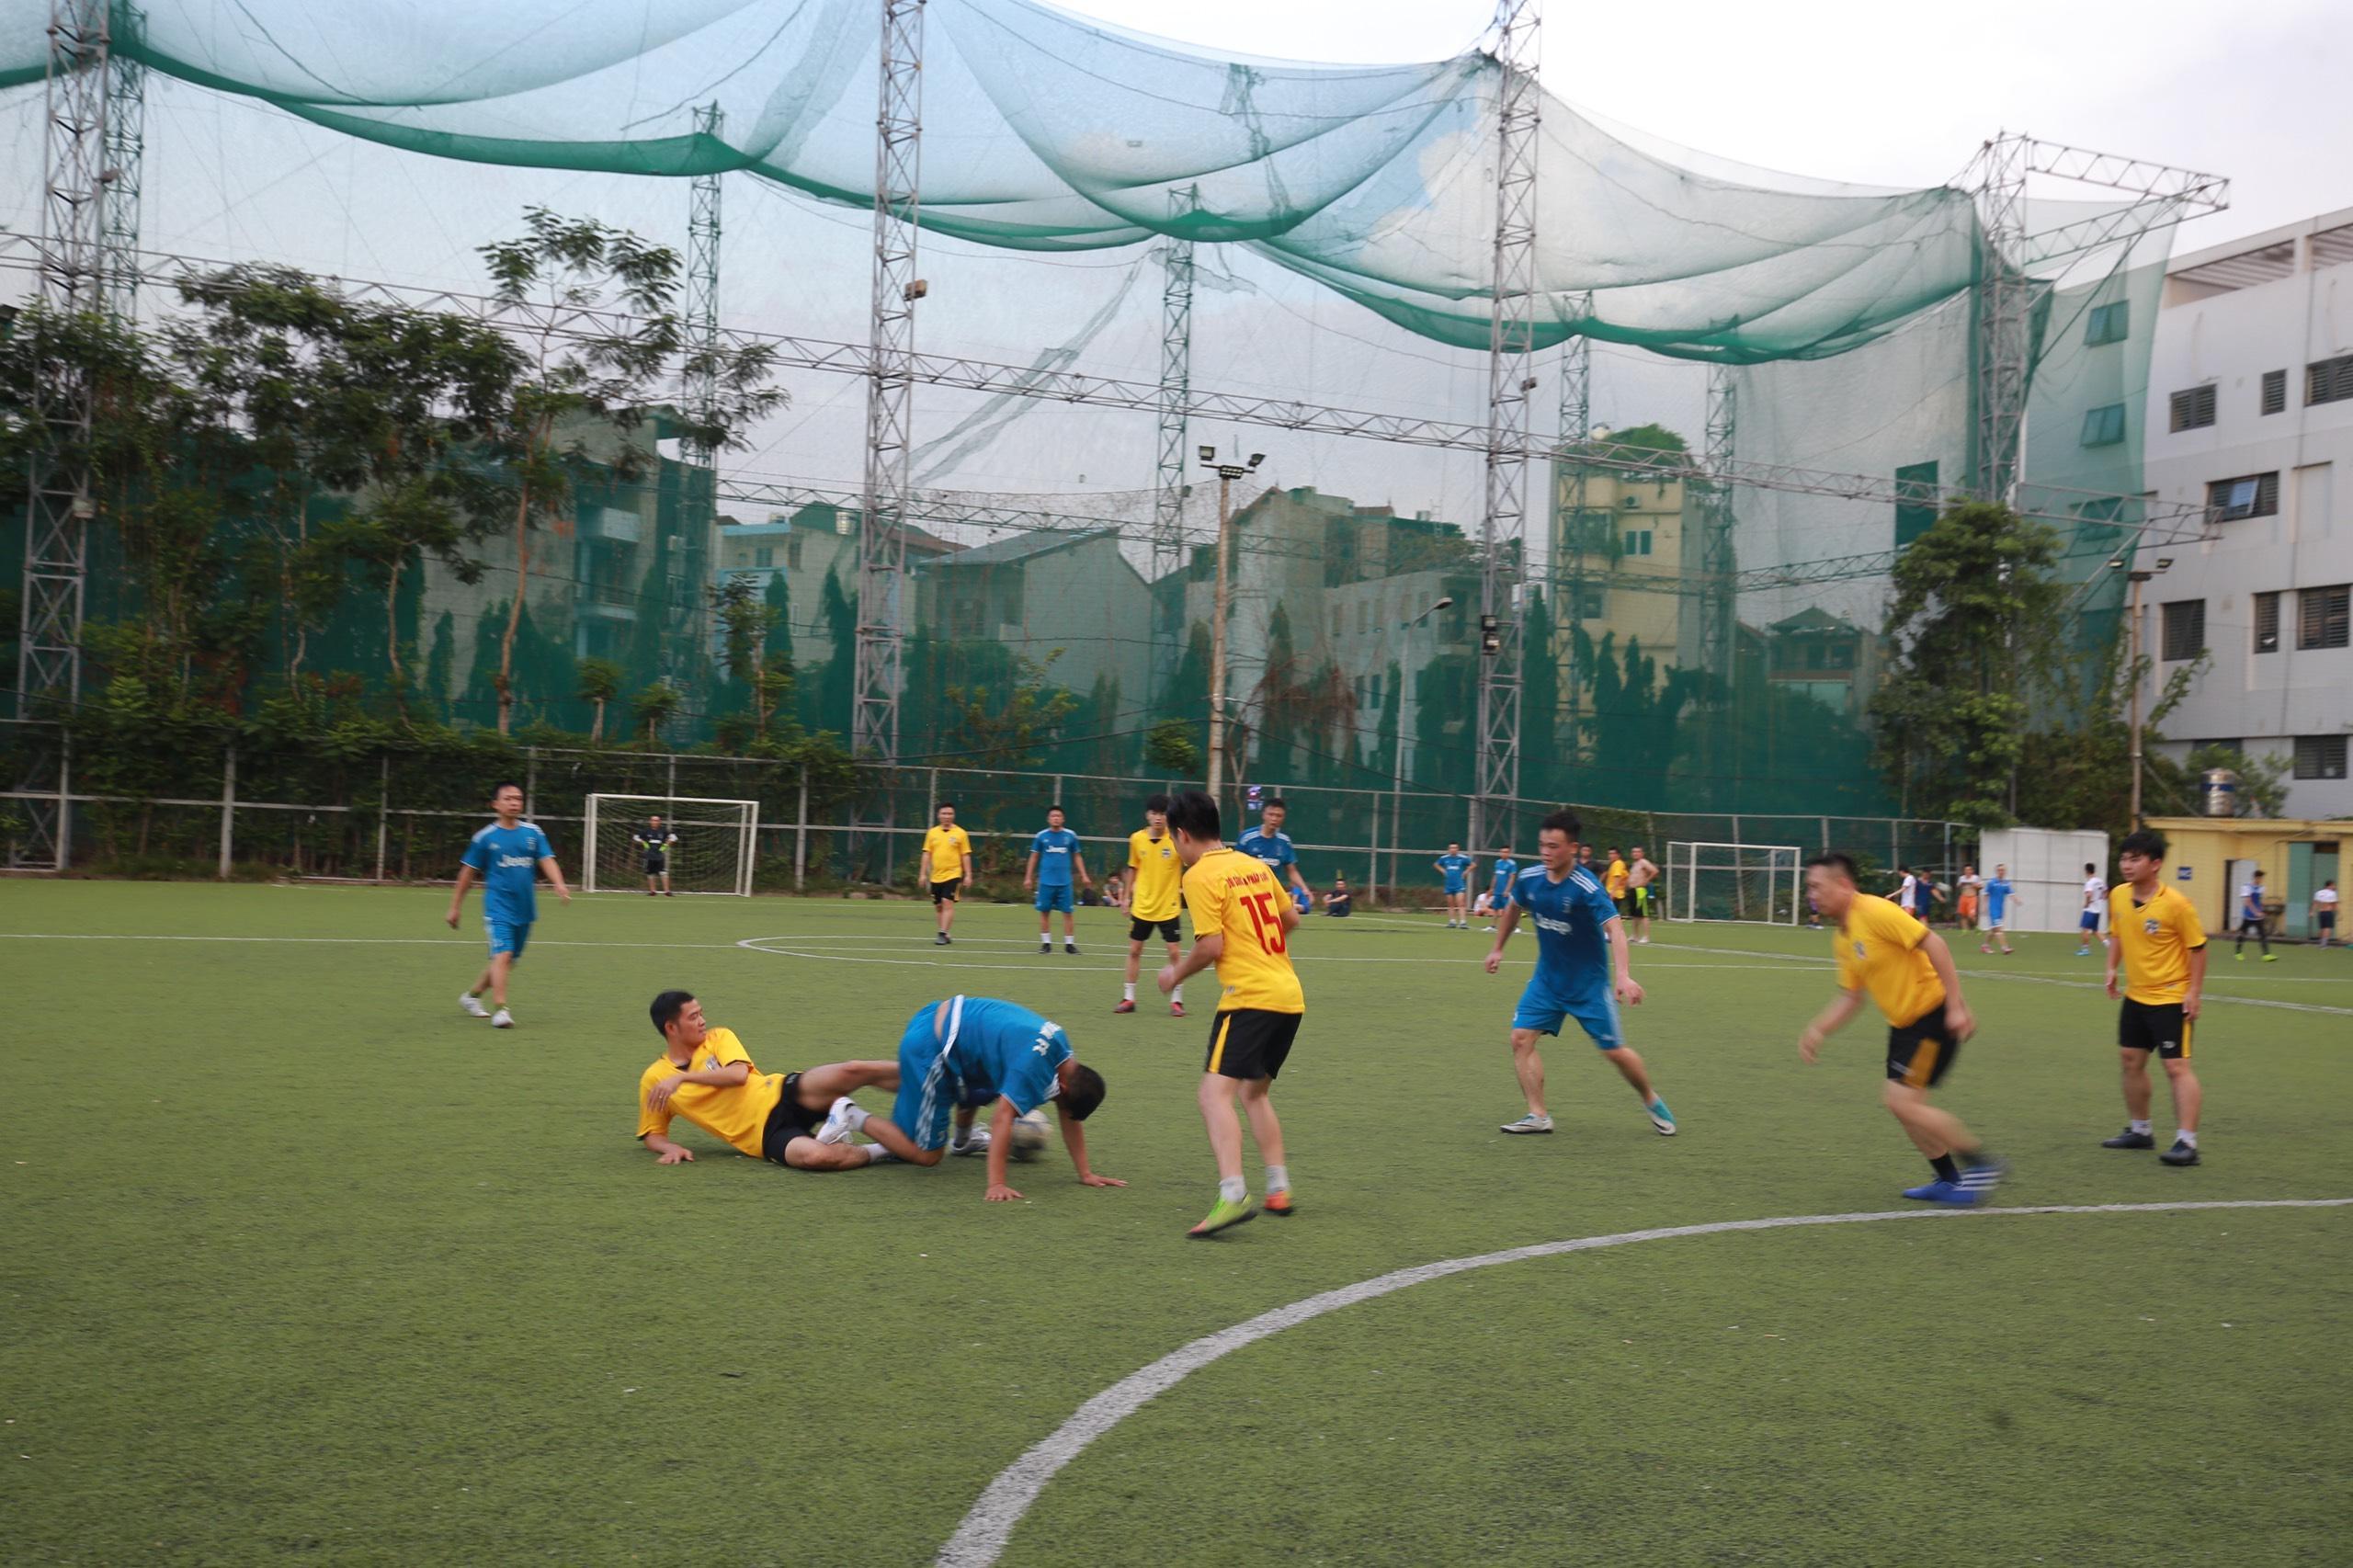 Trận giao hữu bóng đá giữa FC Đời sống & Pháp luật và CLB công an phường Yên Hòa - Ảnh 5